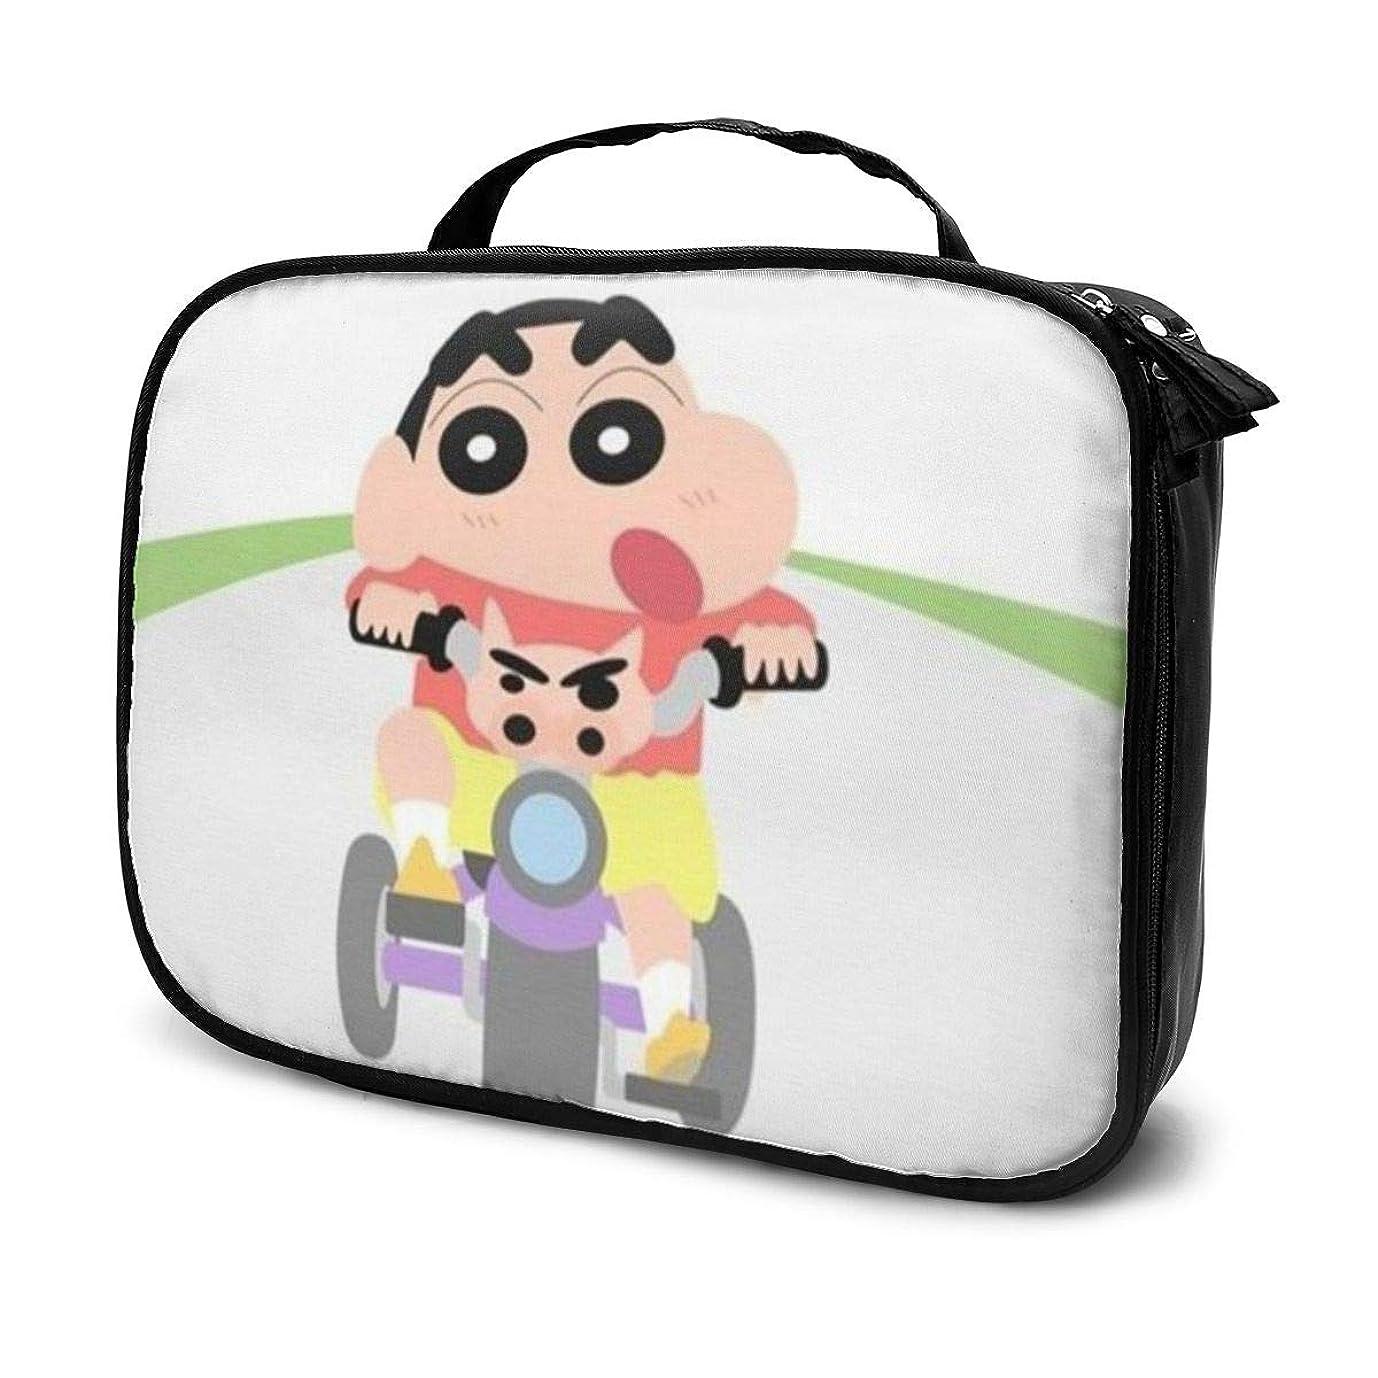 繁雑粘り強いホイストDaituクレヨンしんちゃんサイクル 化粧品袋の女性旅行バッグ収納大容量防水アクセサリー旅行